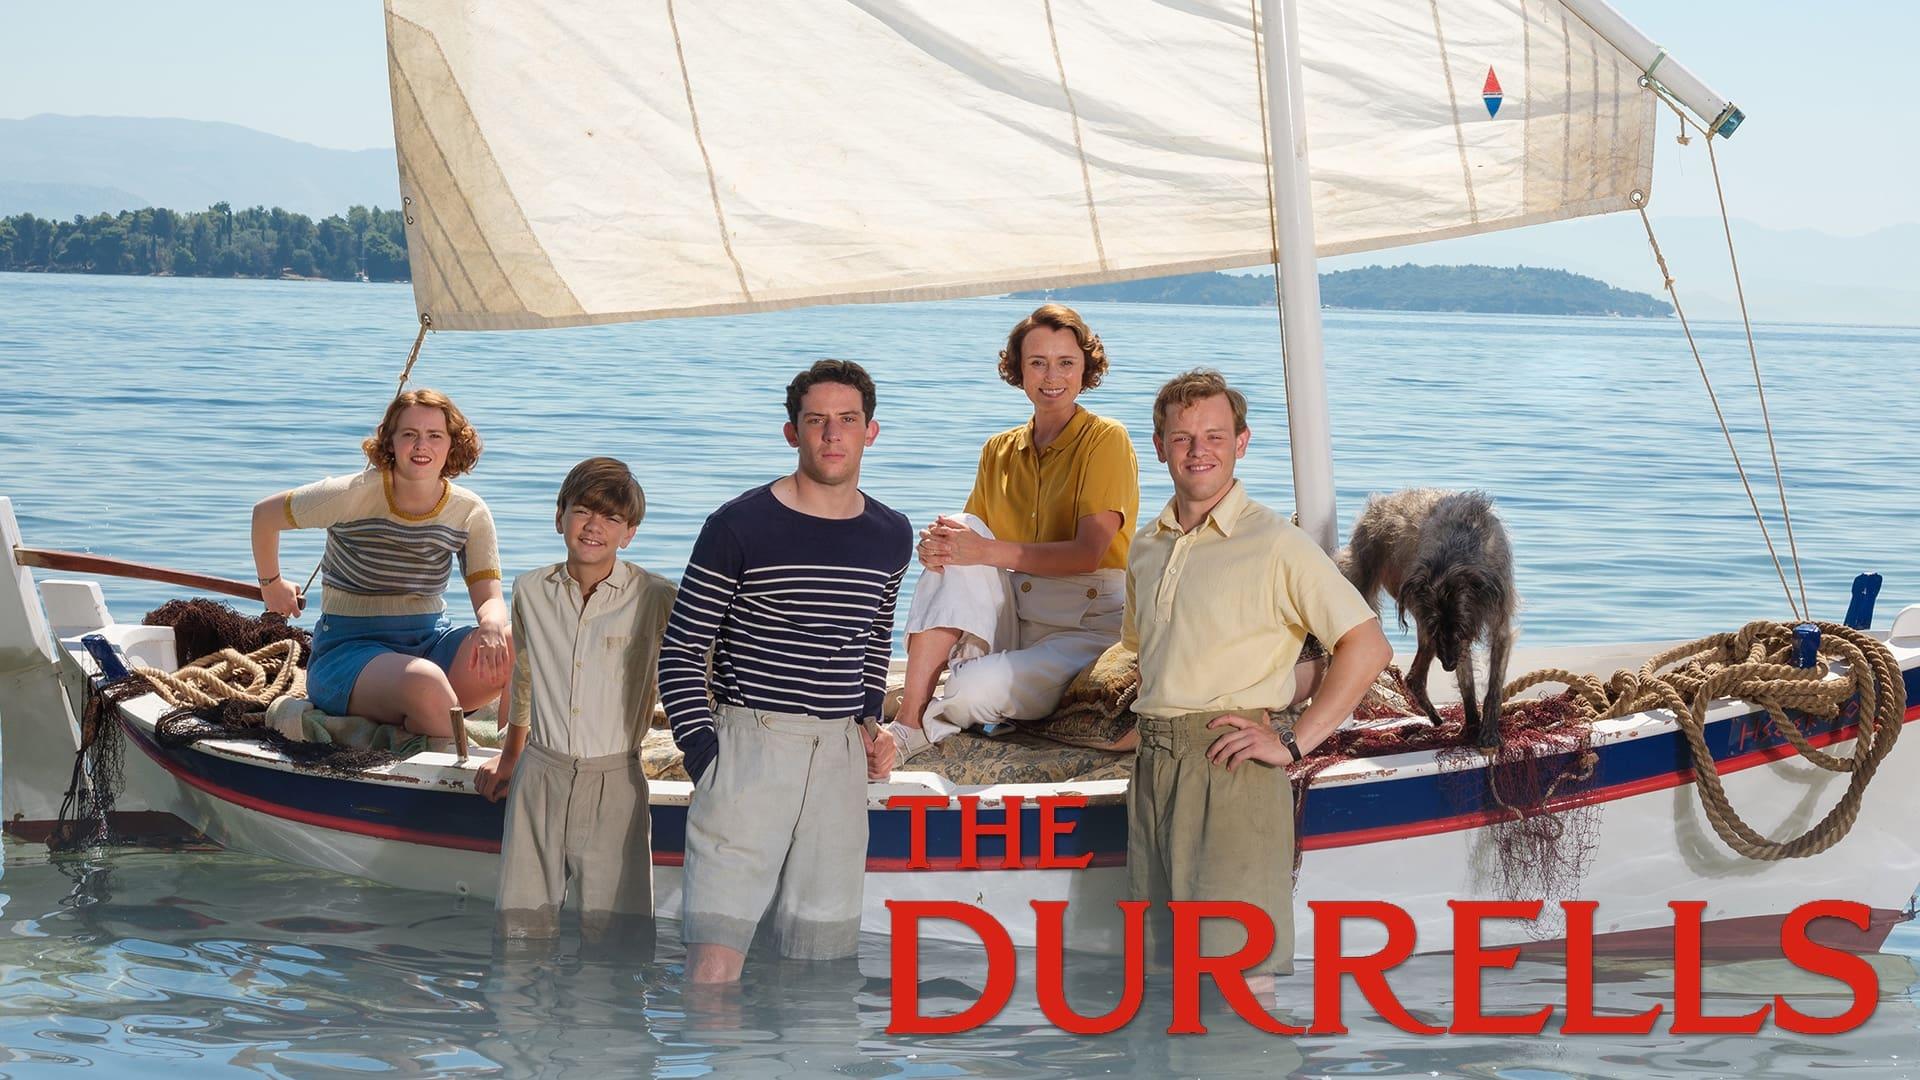 Maak kans op het vierde seizoen van The Durrells